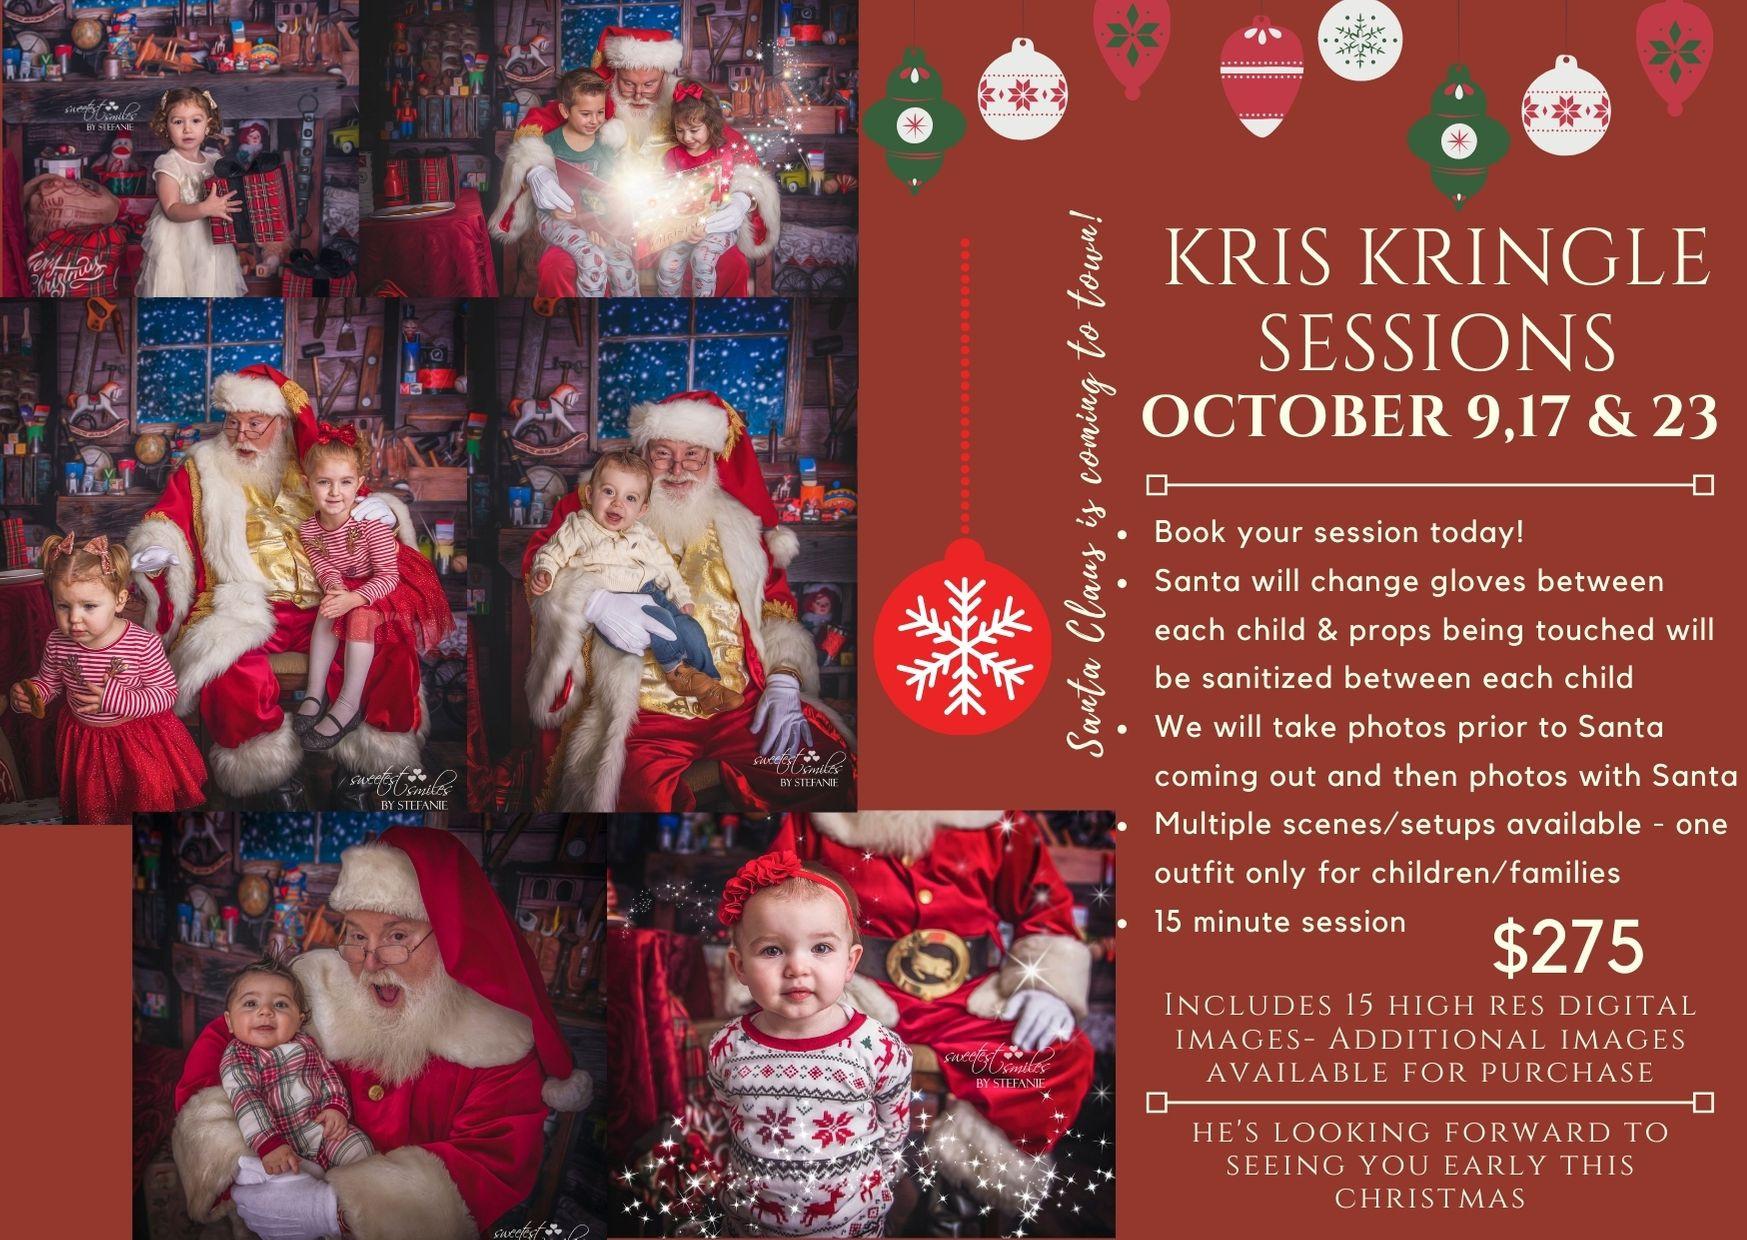 Kris Kringle Sessions